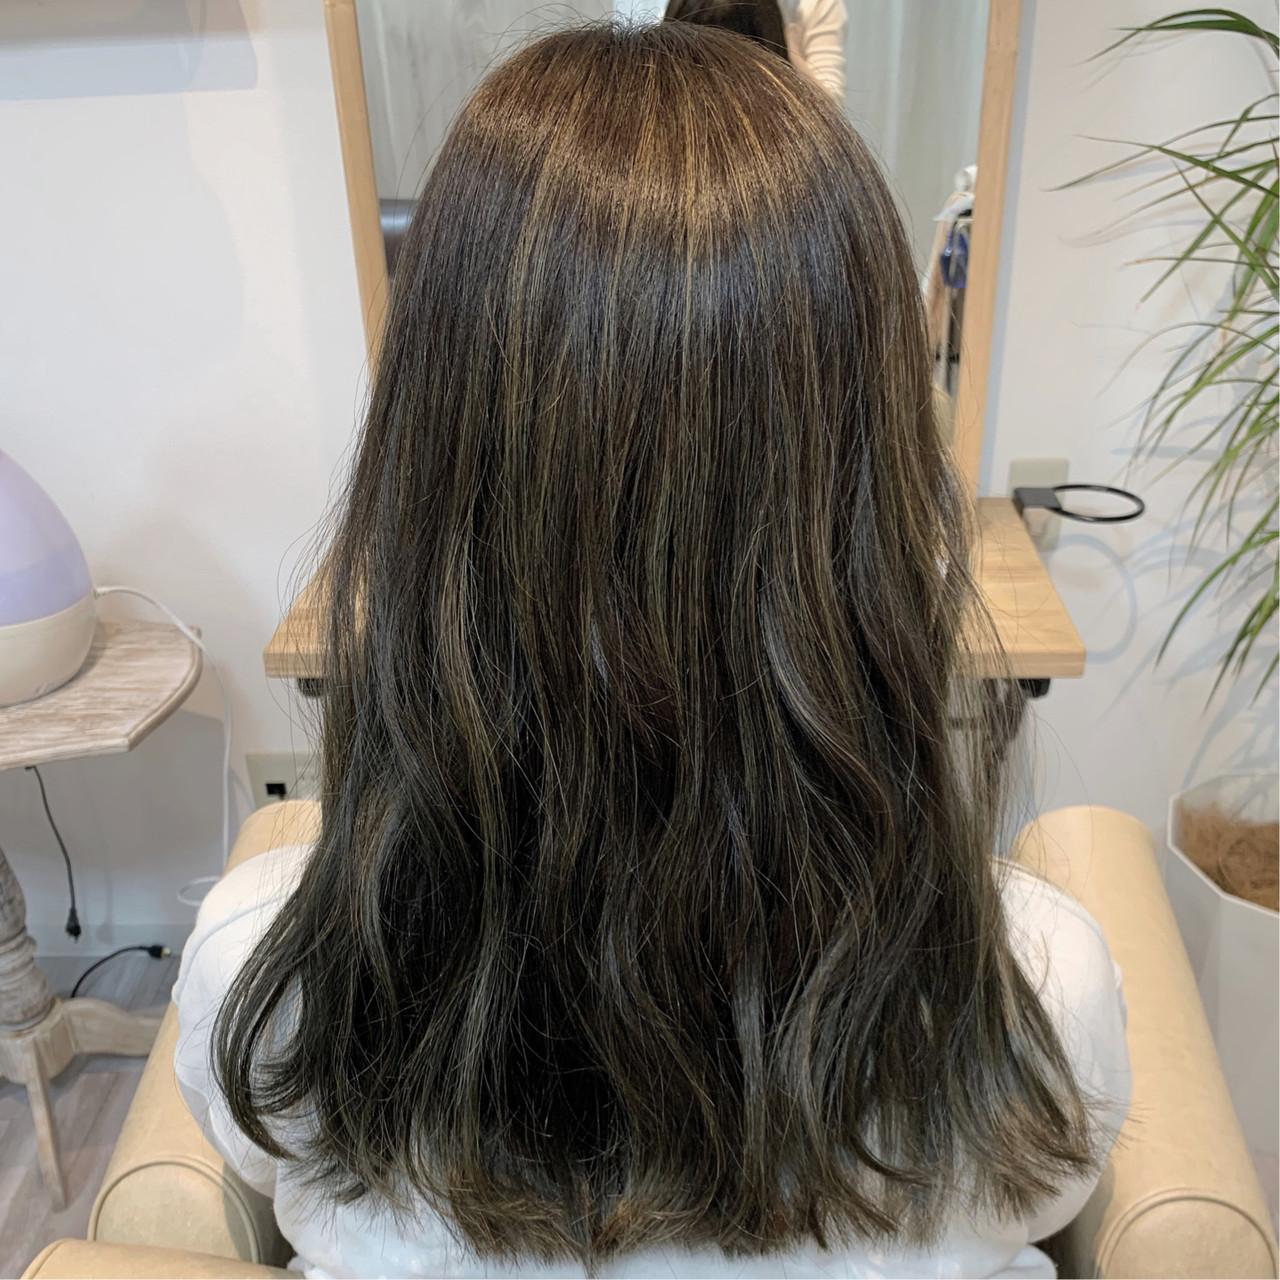 大人ハイライト フェミニン ハイライト マットグレージュ ヘアスタイルや髪型の写真・画像